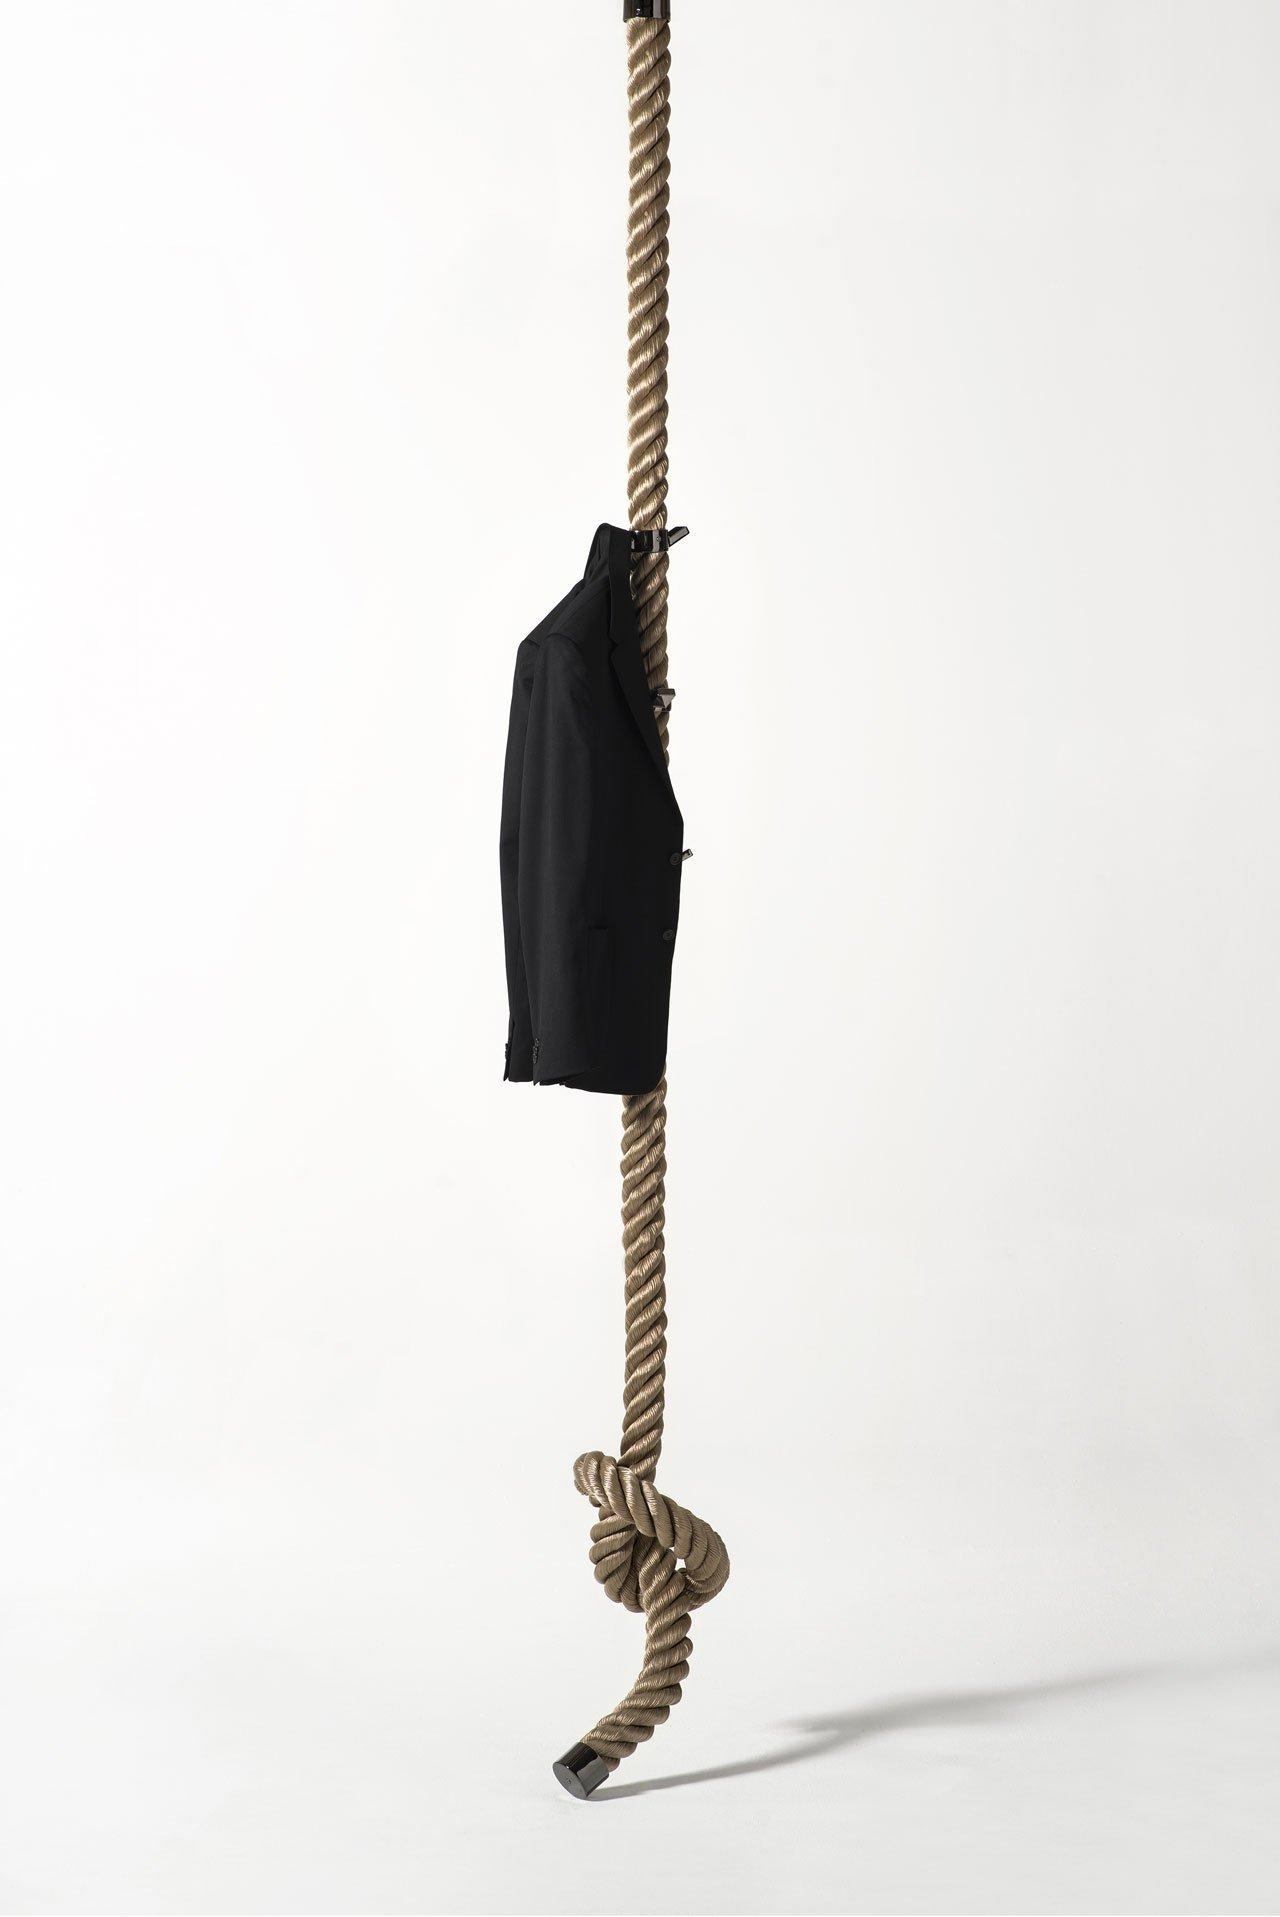 La Cima3clothes hanger byLapo Ciatti forOpinion Ciatti.